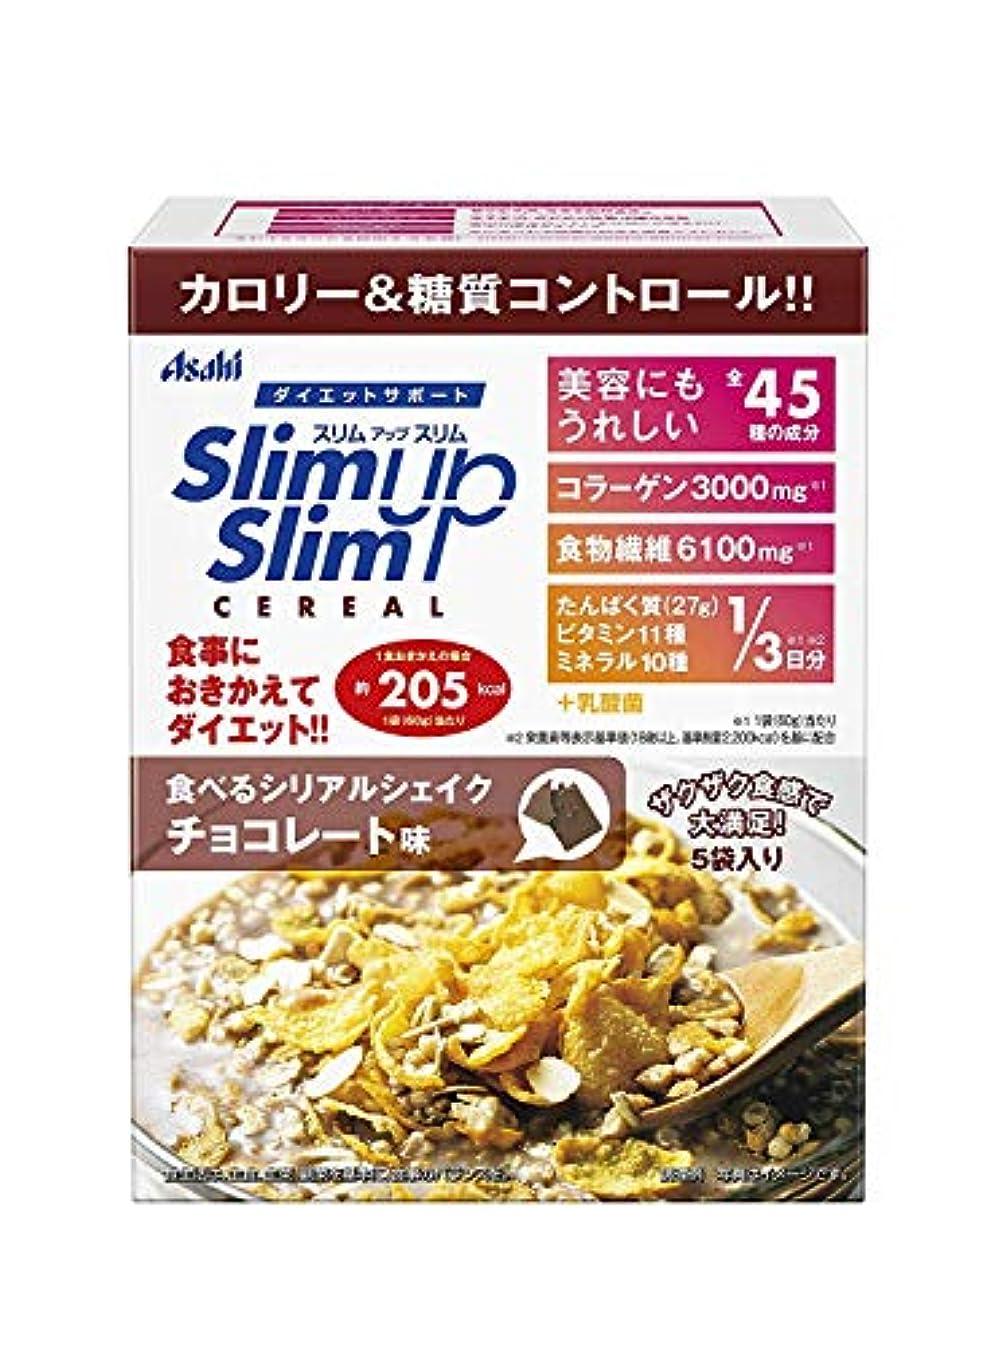 町同化する禁止するスリムアップスリム 食べるシリアルシェイク チョコレート味 300g (60g×5袋) ×5